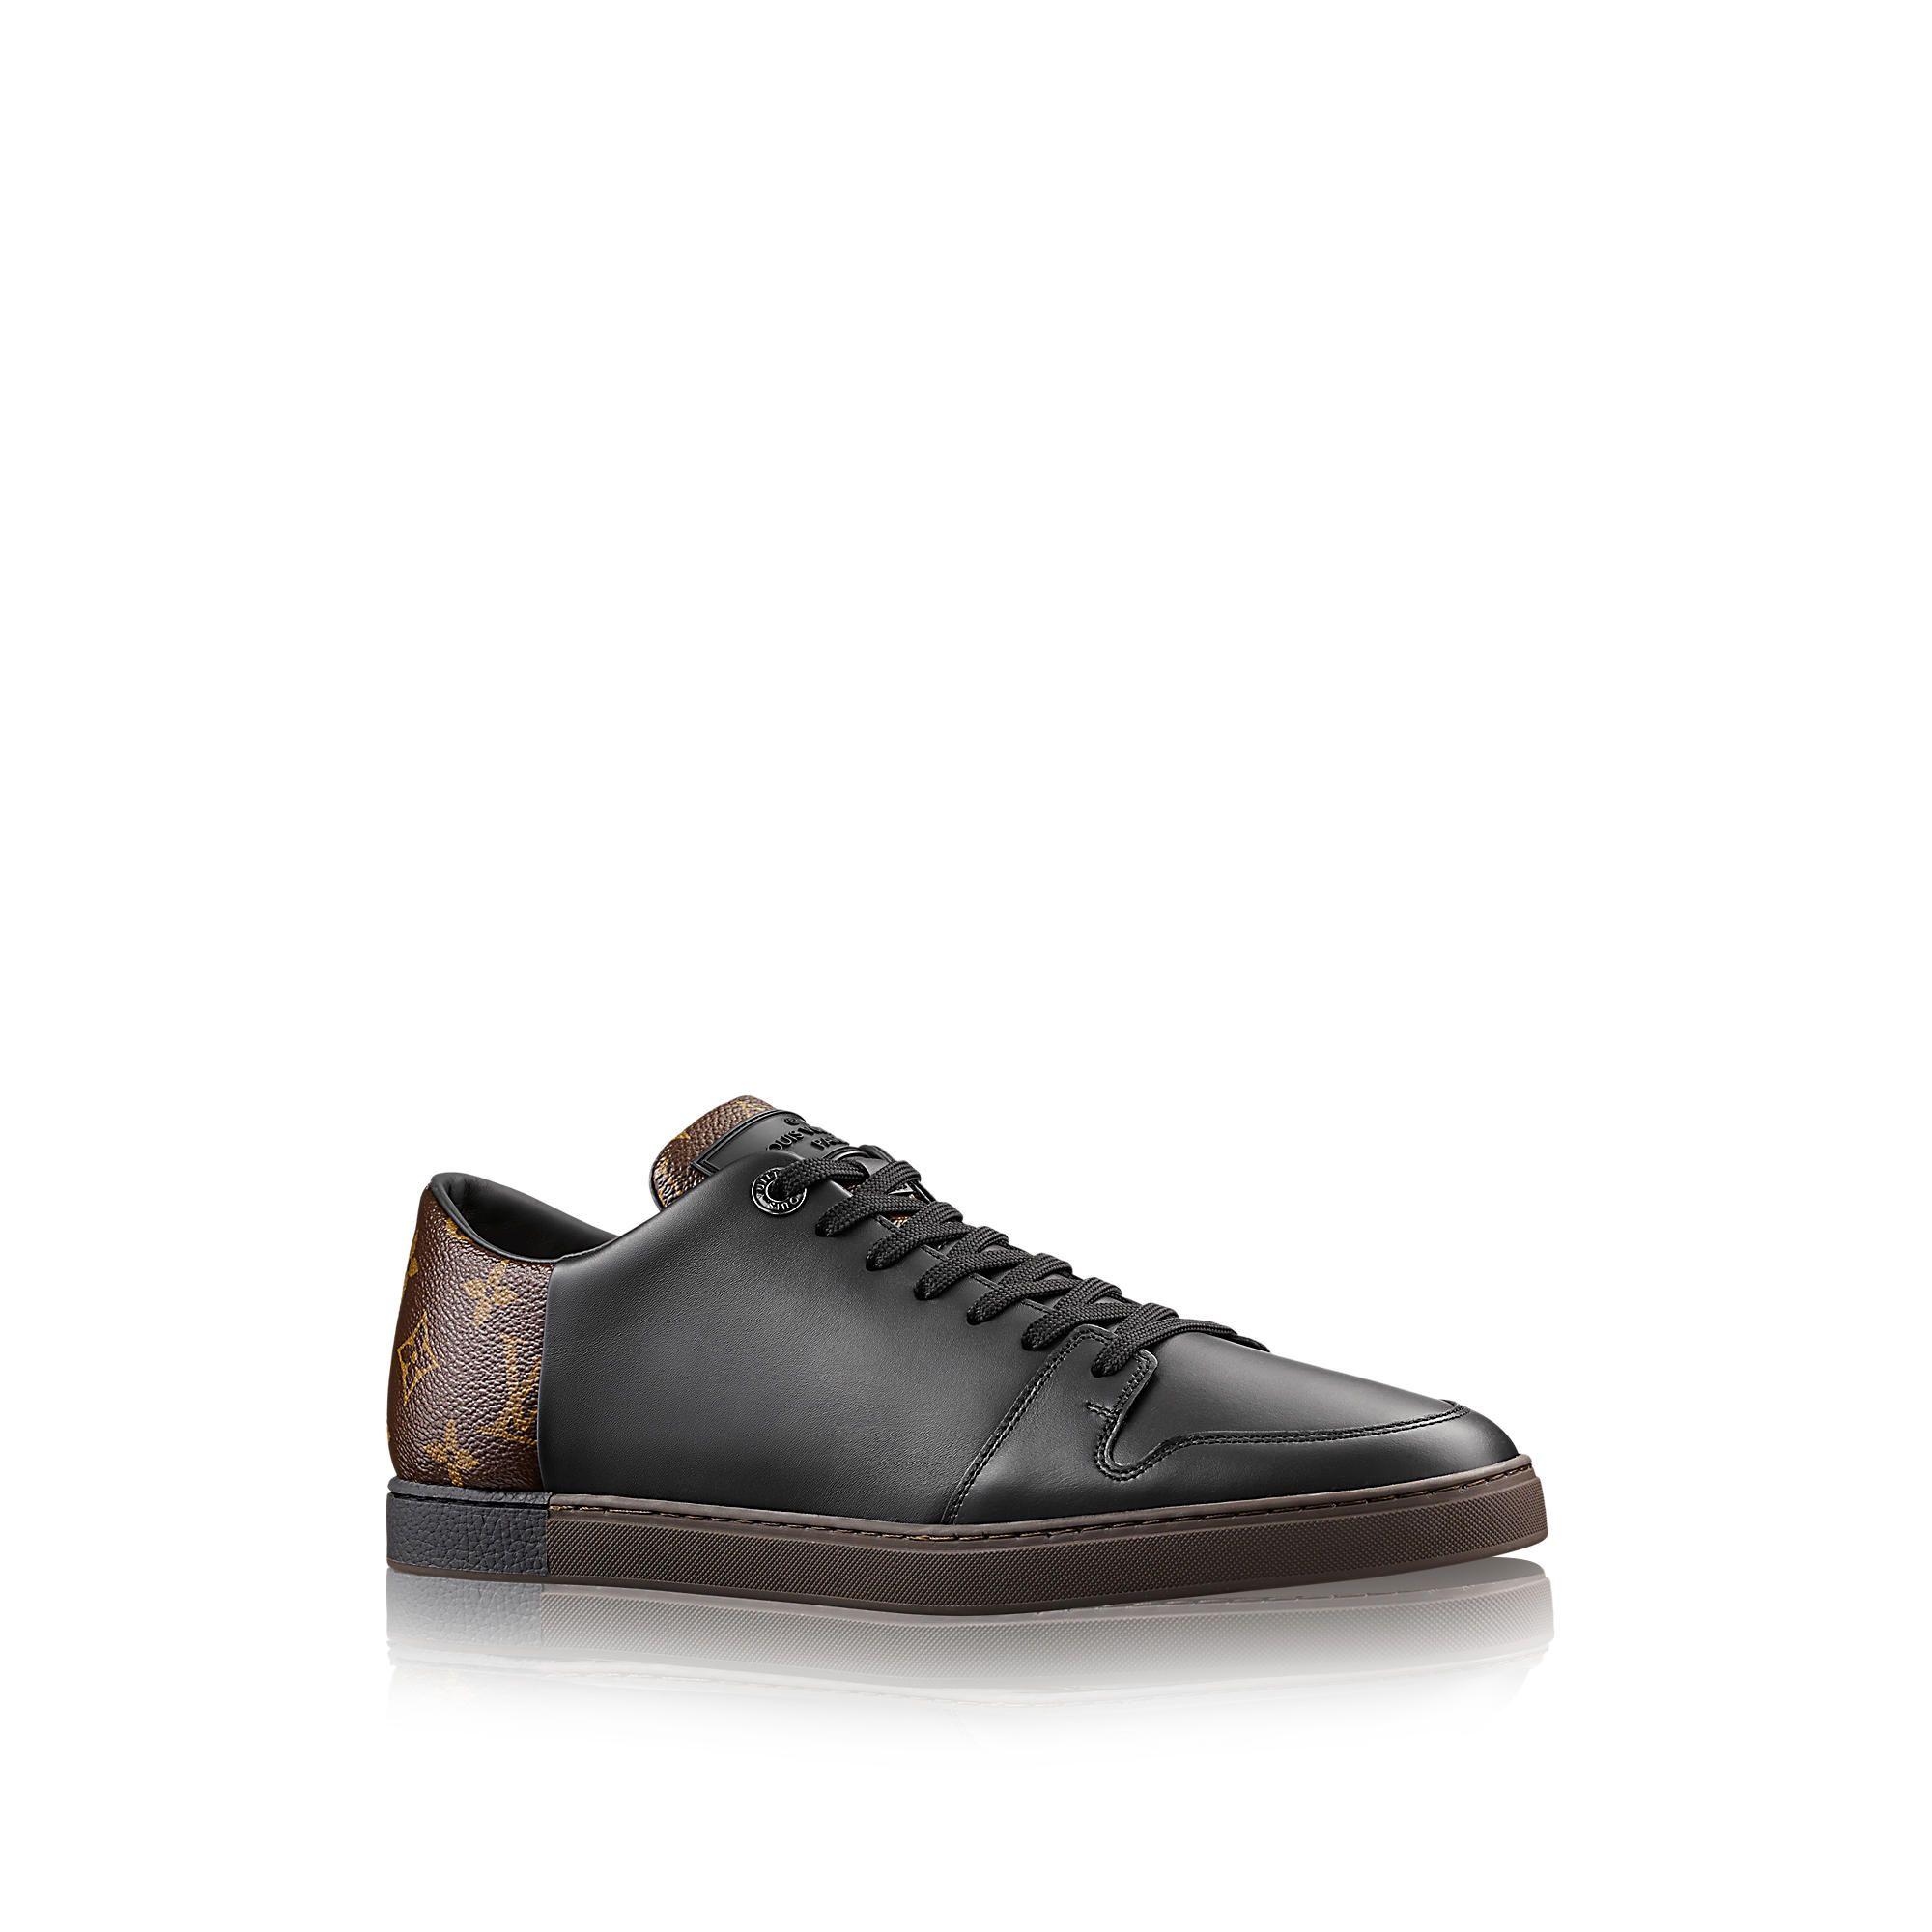 louis vuitton designer shoes. louis vuitton official usa website - discover louis vuitton\u0027s men\u0027s designer shoes, featuring loafers, boots, dress shoes and more, vuitton